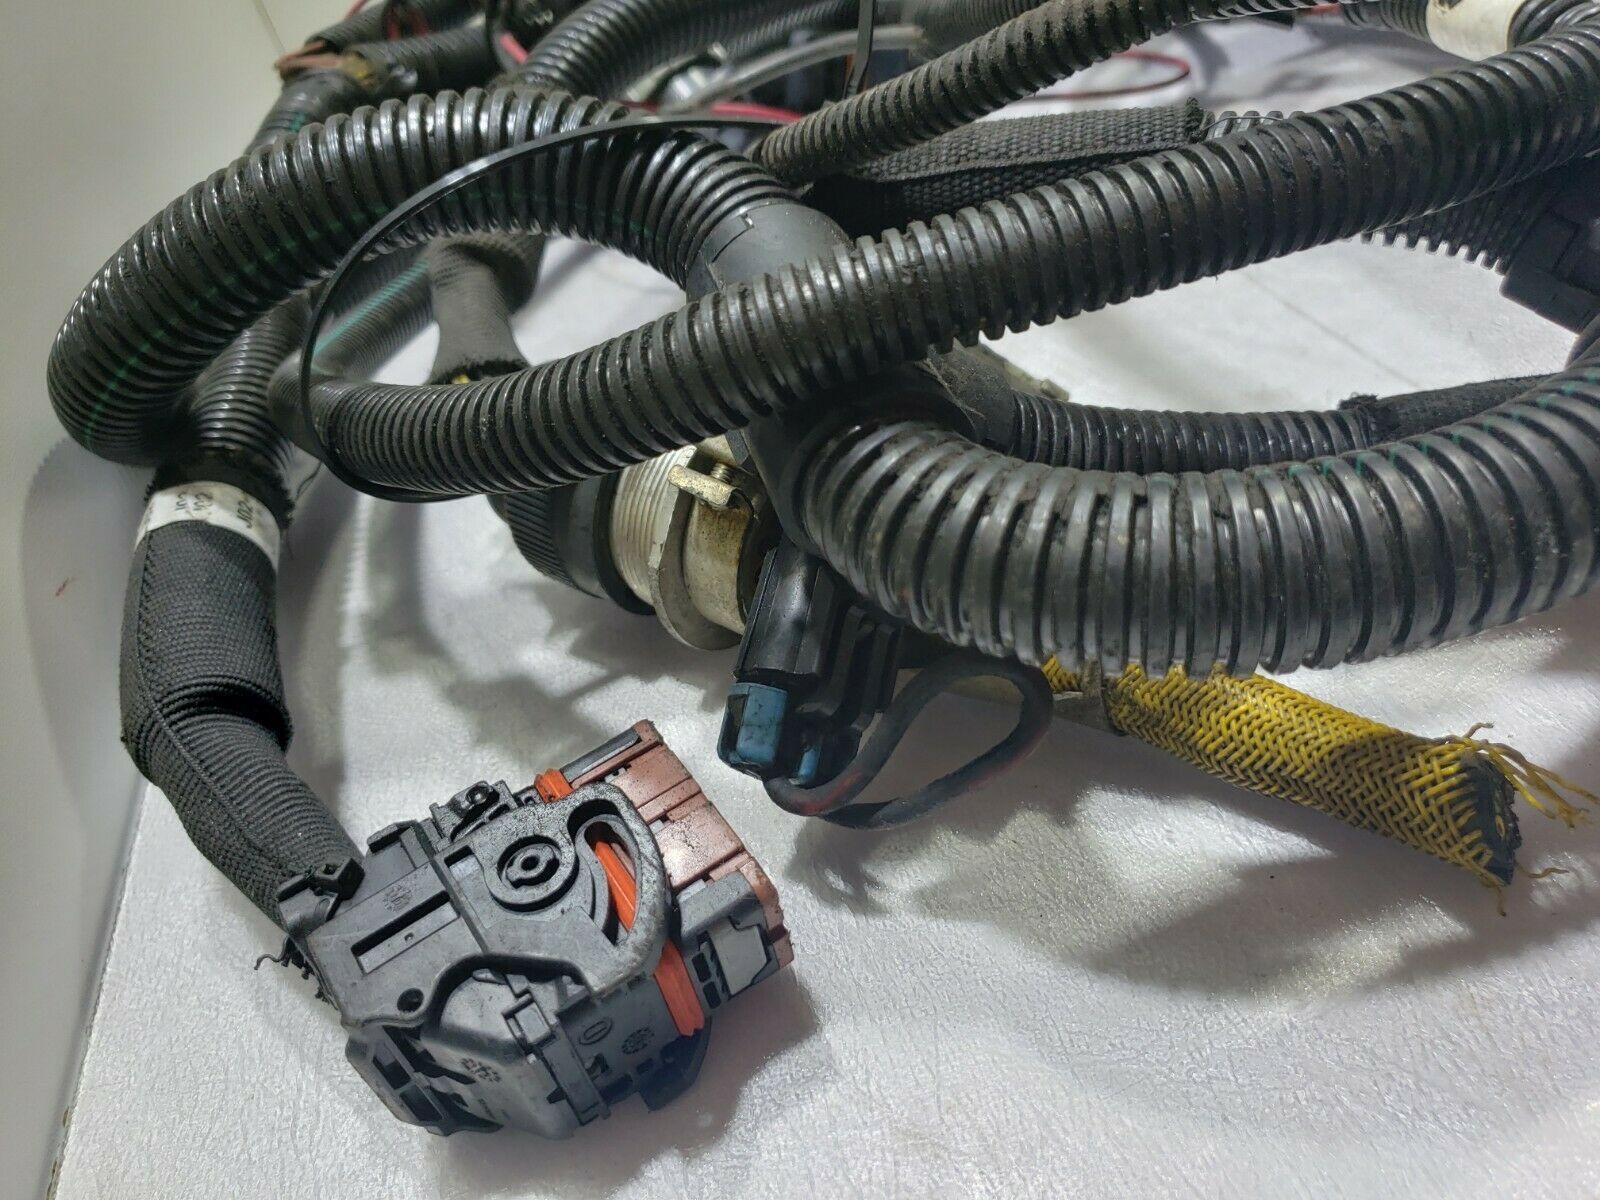 Wiring Harness DIESEL ENGINE John Deere RE117370 OEM image 3